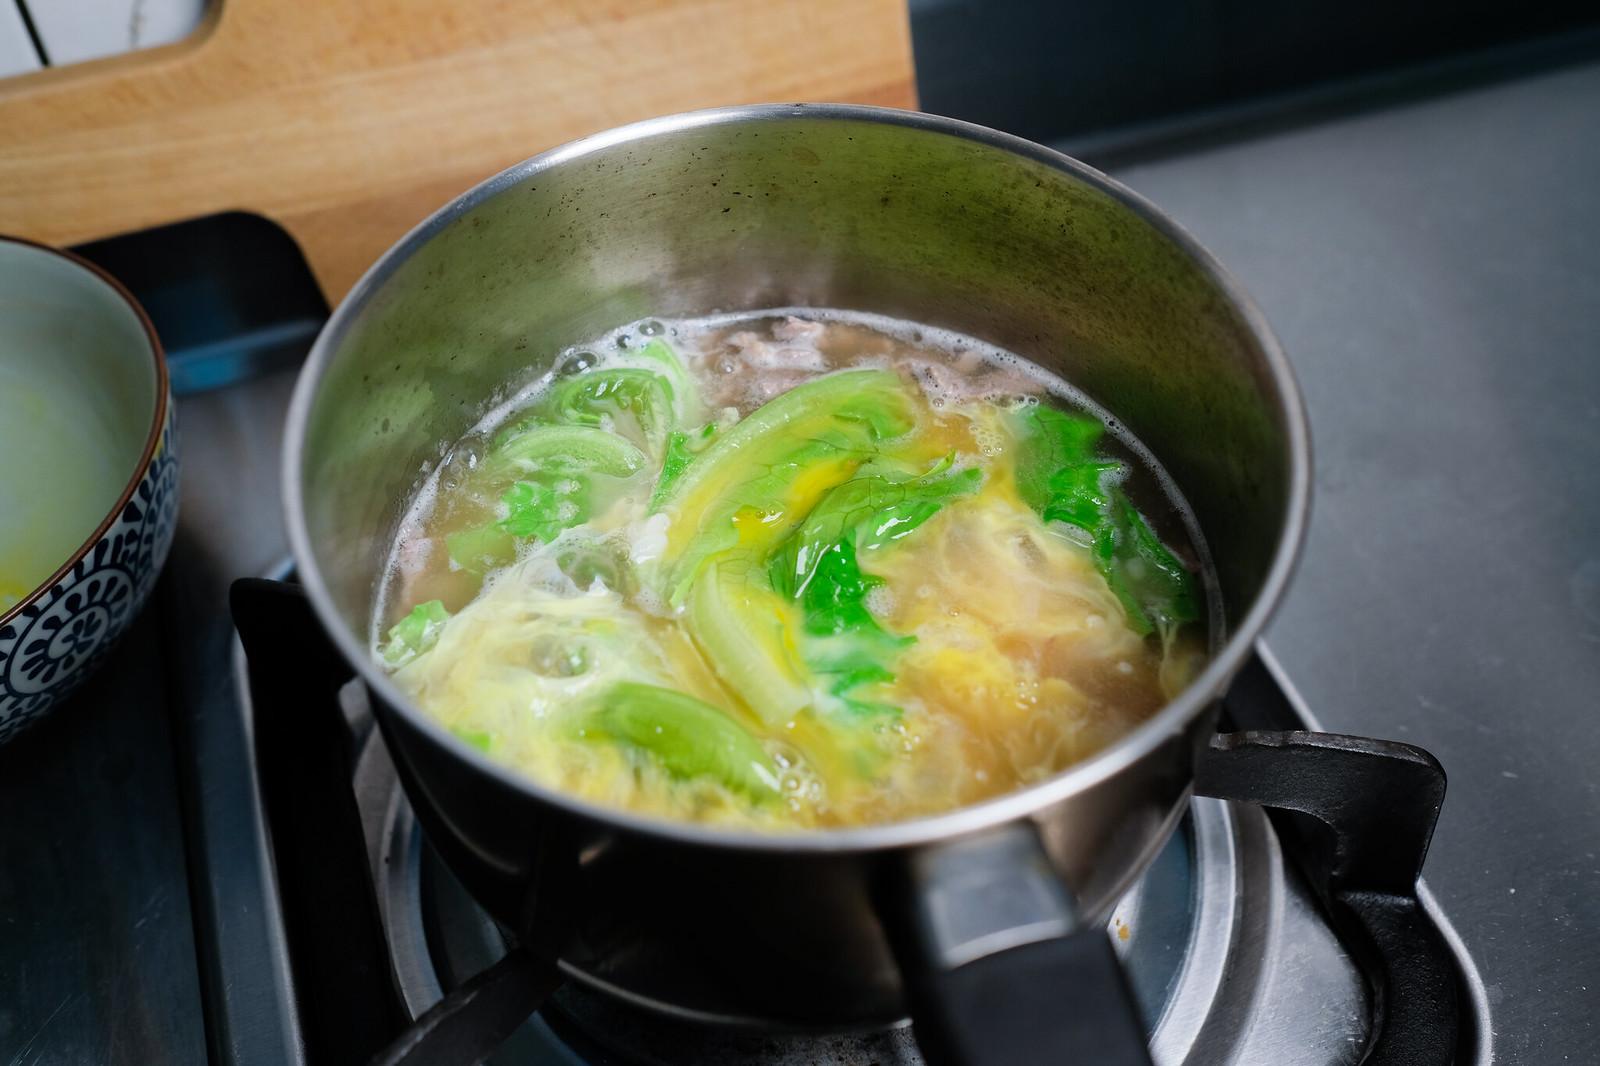 老協珍熬湯粥-牛肉蔬菜滑蛋-最後熬煮